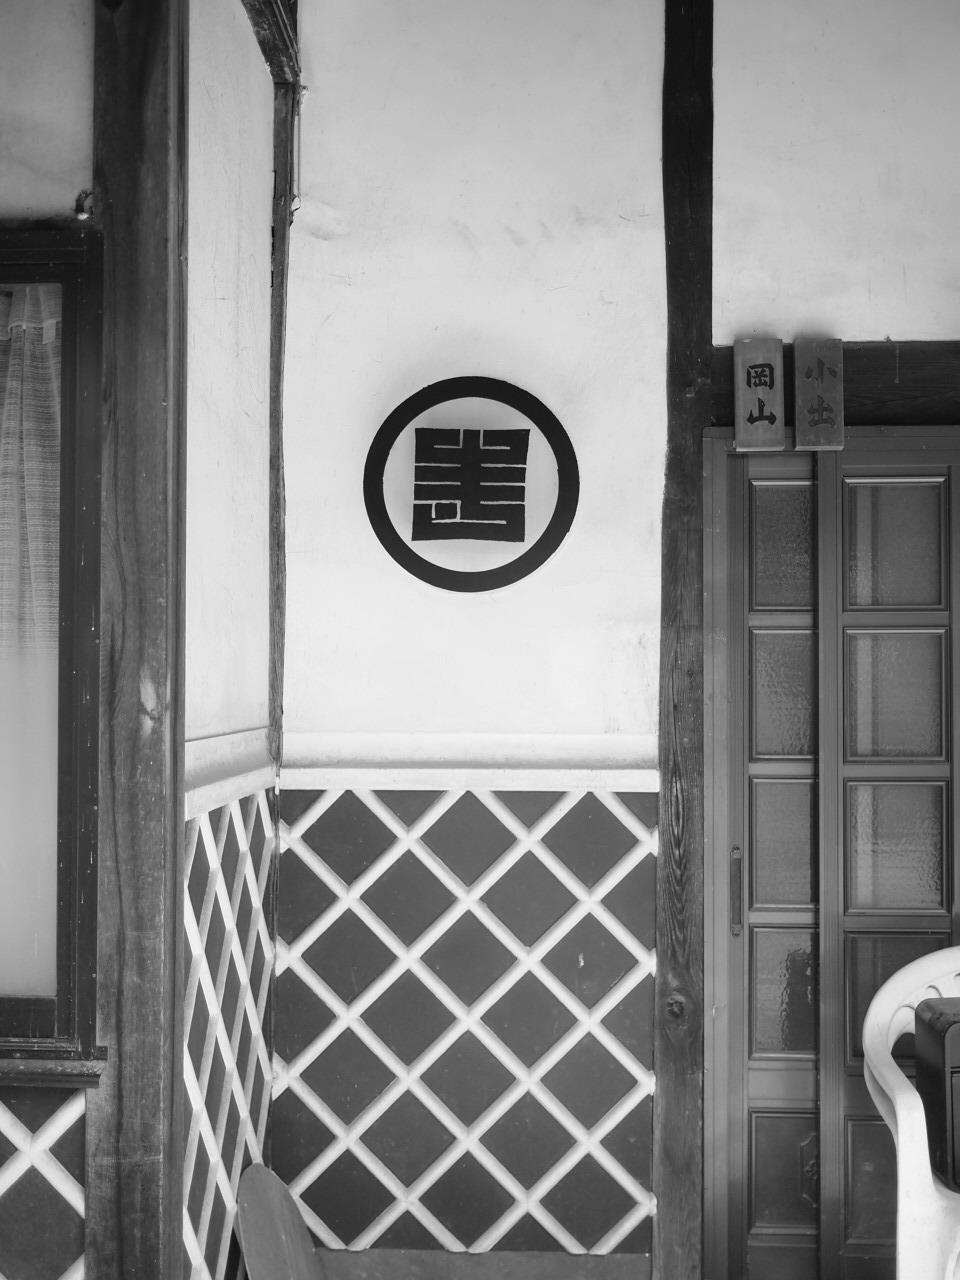 安曇野市のご自宅にアイアン製の家紋を製作、取り付けて来ました。_a0206732_17090605.jpg